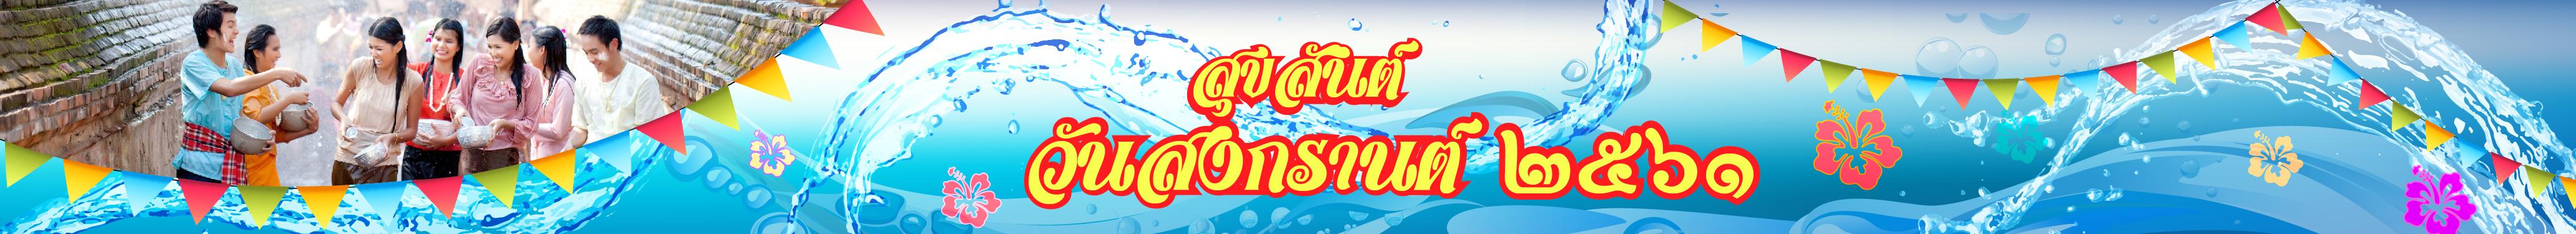 สุขสันต์วันสงกรานต์ ร่วมสืบสานประเพณีไทย